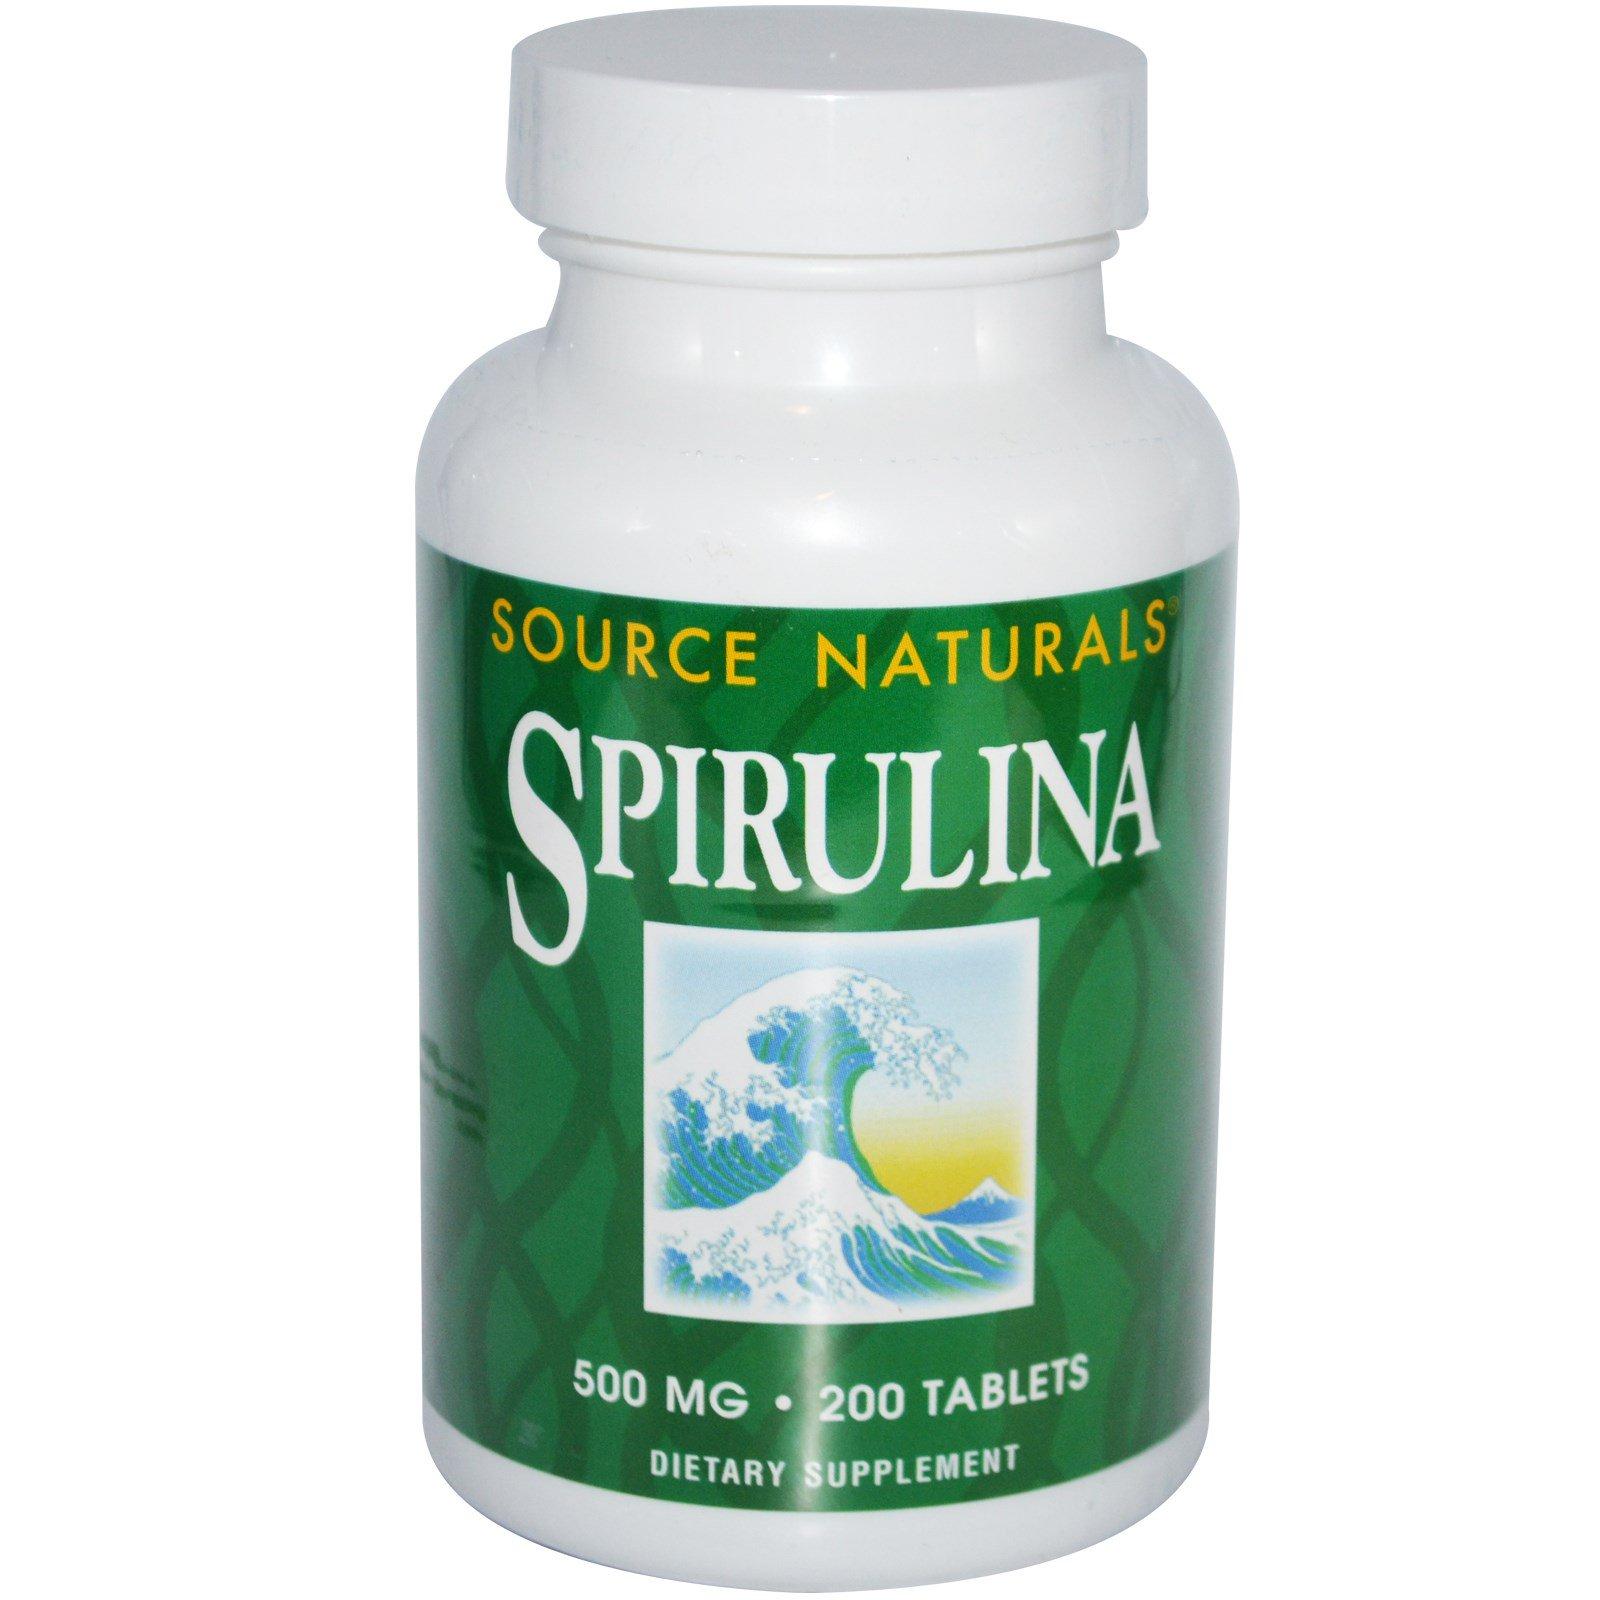 Спирулина для очищения организма при беременности и кормления грудью, а также детям с какого возраста, отзывы врачей